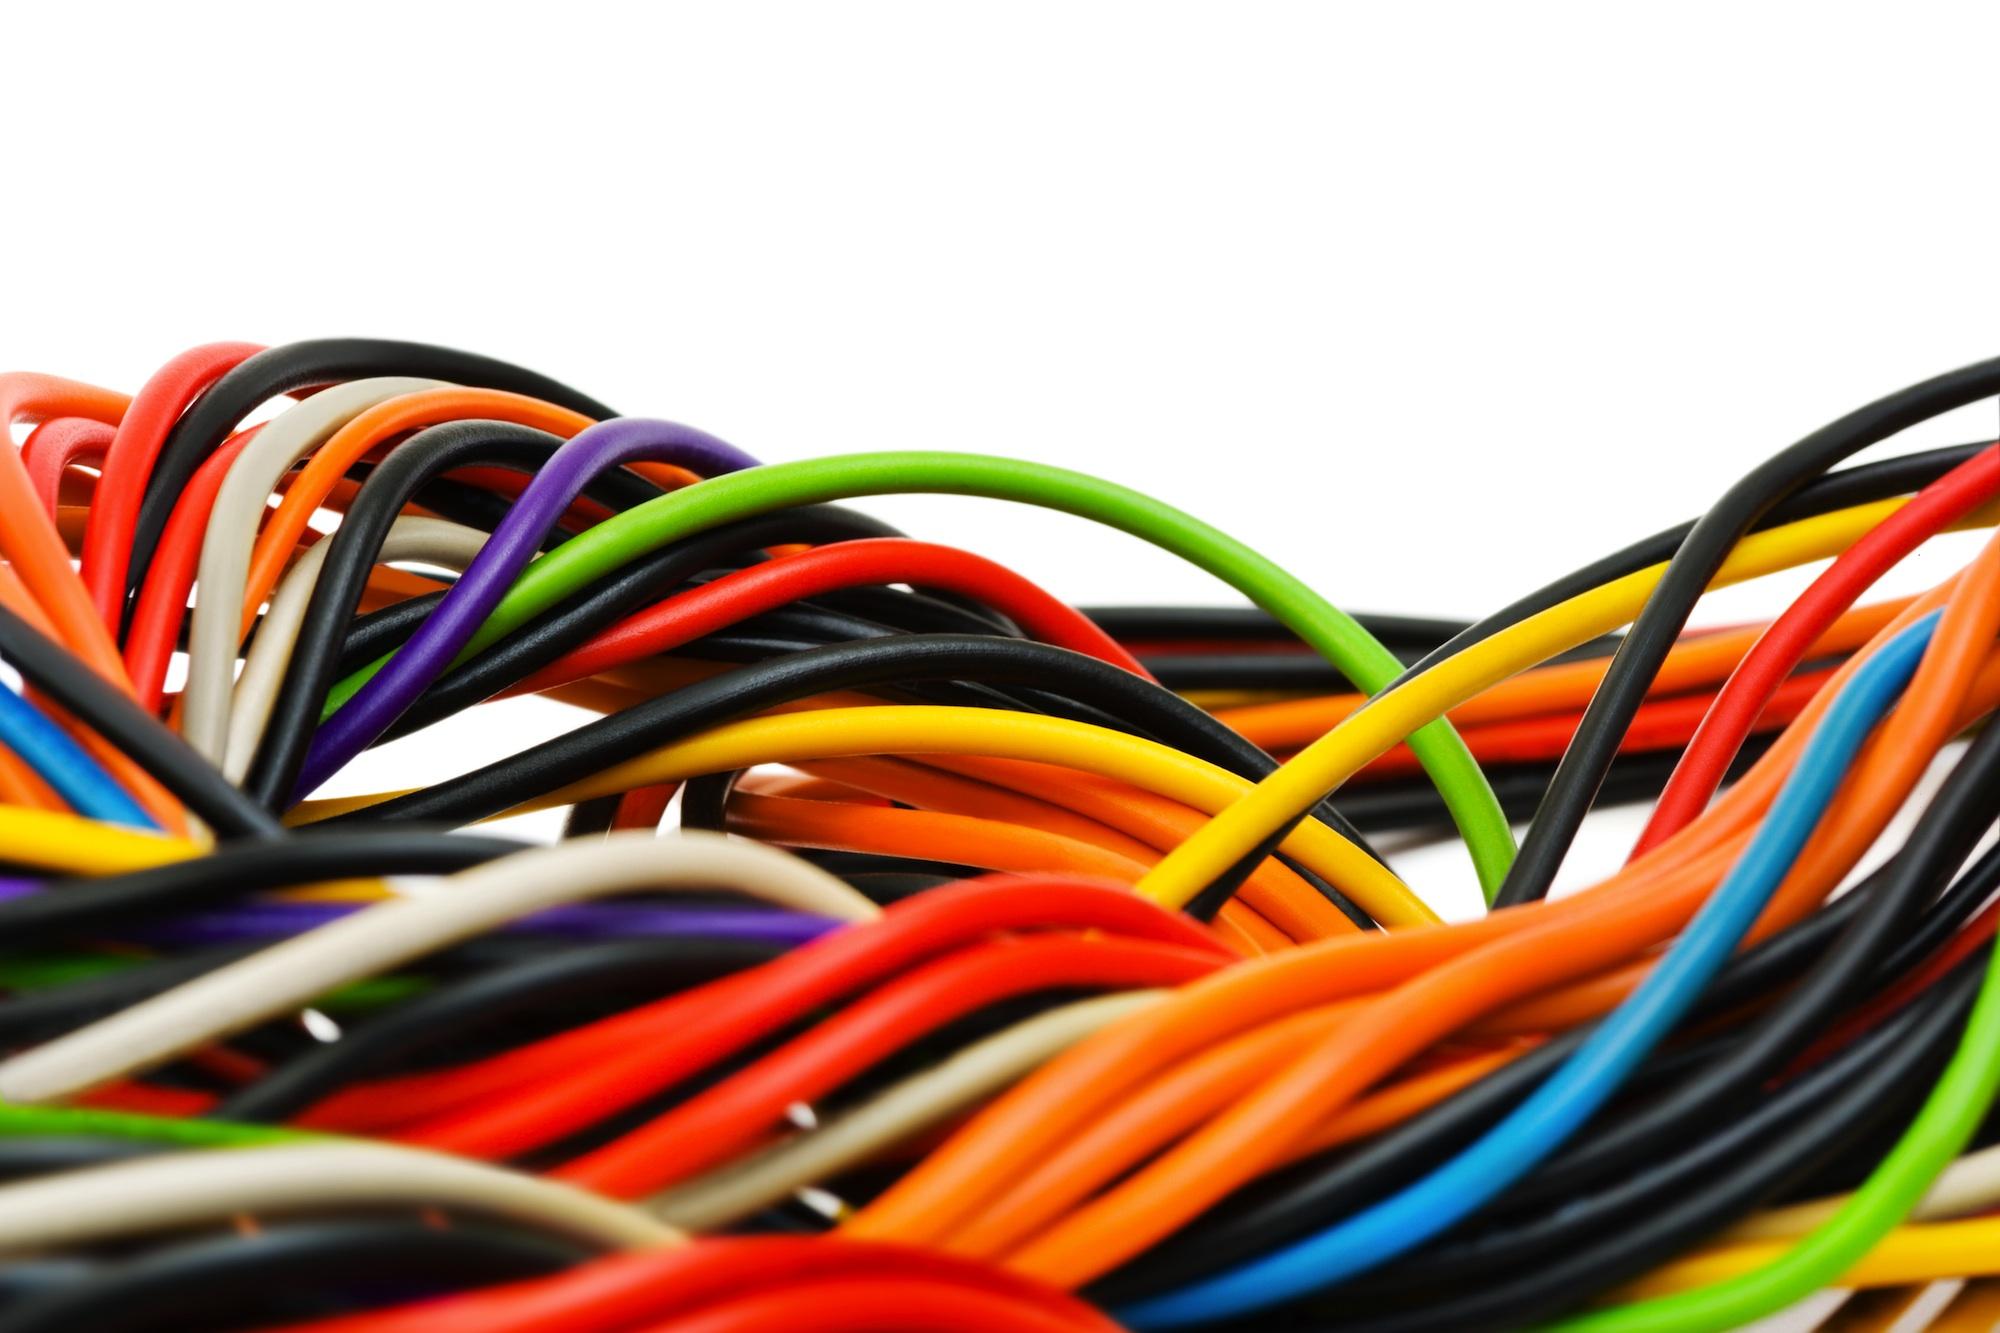 IBM 32G0397 Scsi Control Cable IBM